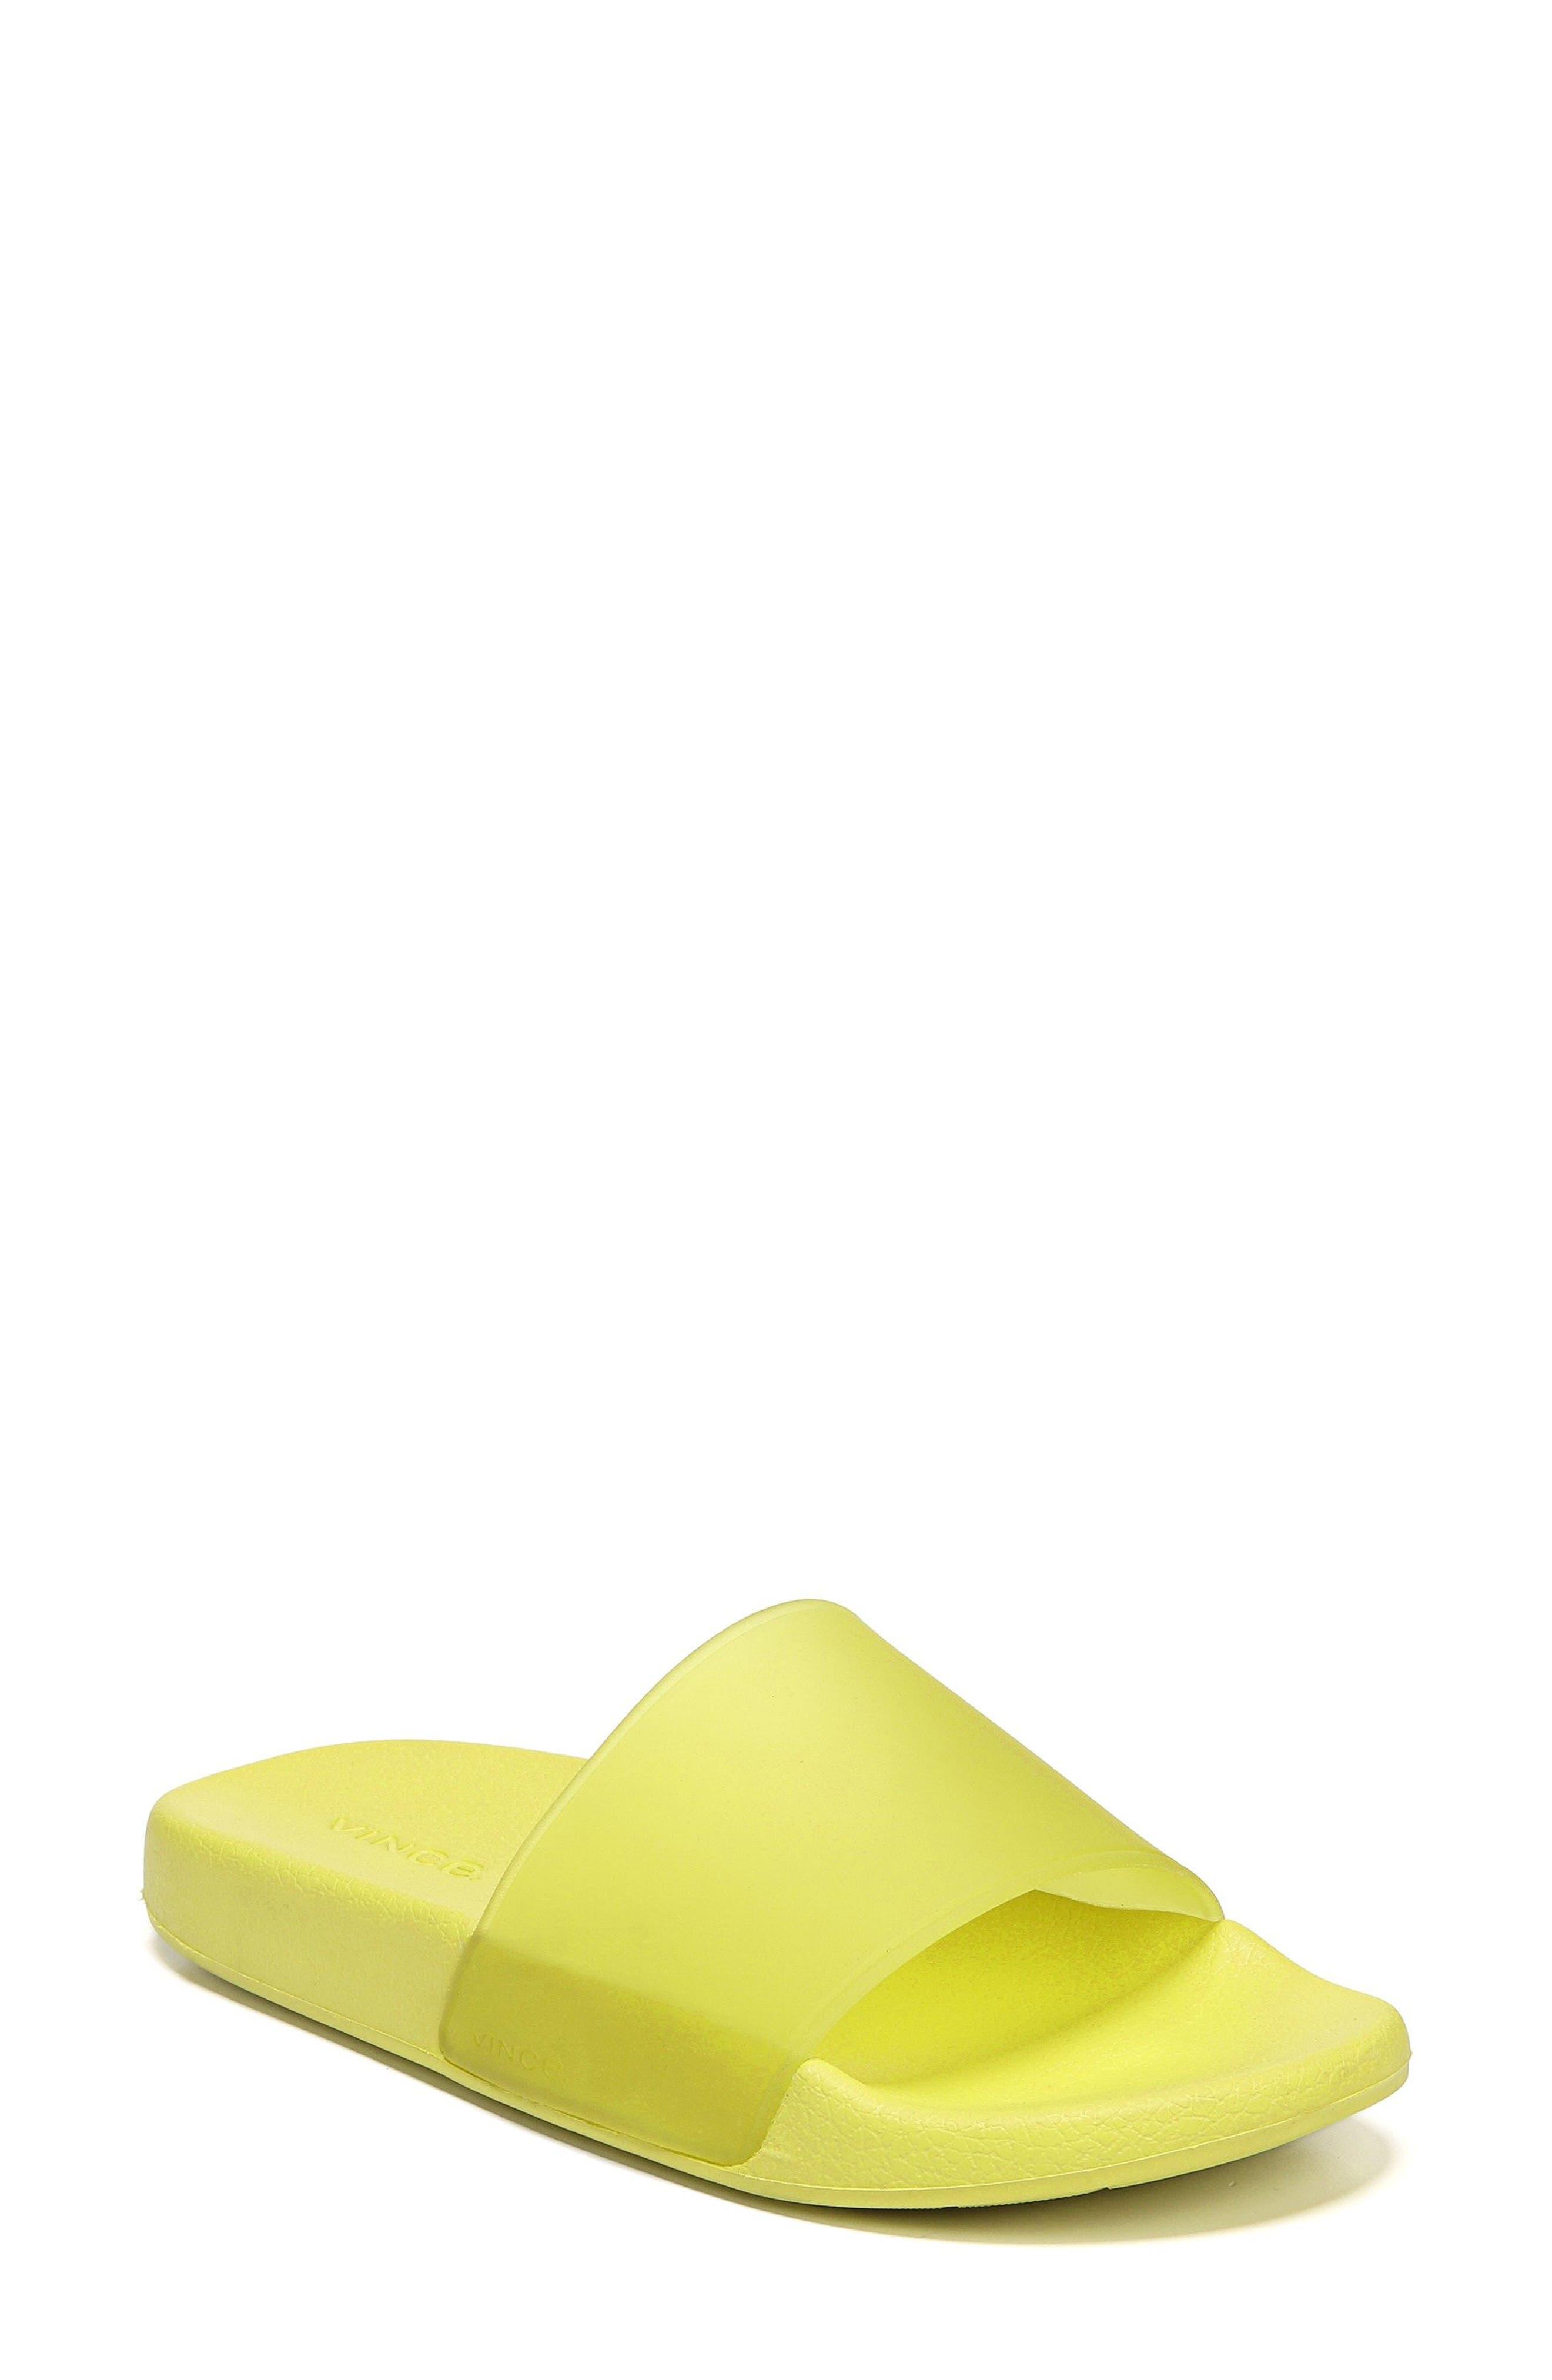 Westcoast Slide Sandal,                             Main thumbnail 2, color,